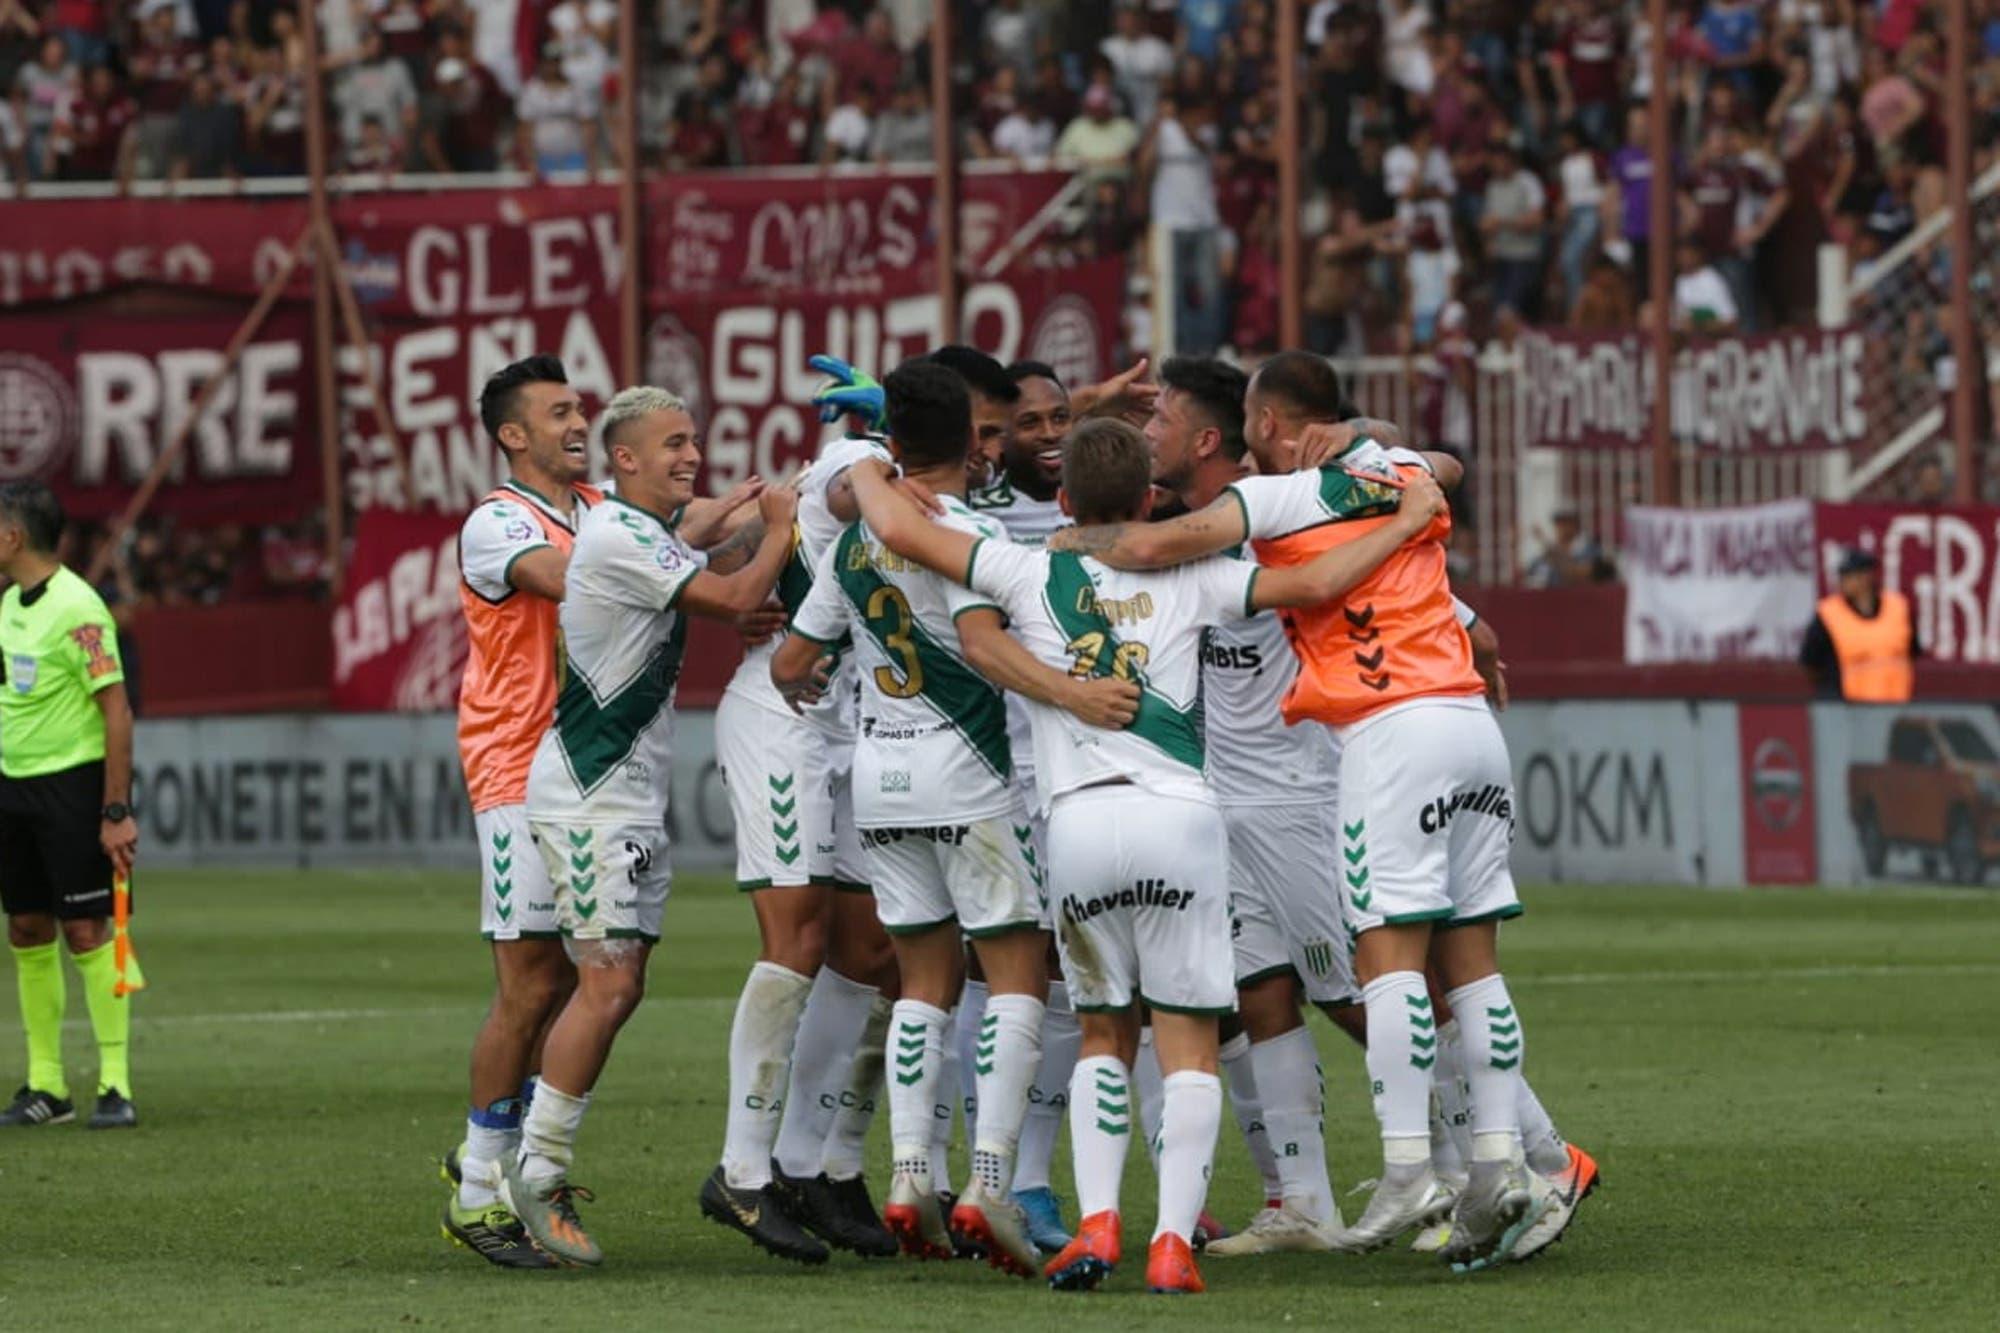 Lanús-Banfield, Superliga: el Taladro desafió los antecedentes y dio el gran golpe en el clásico